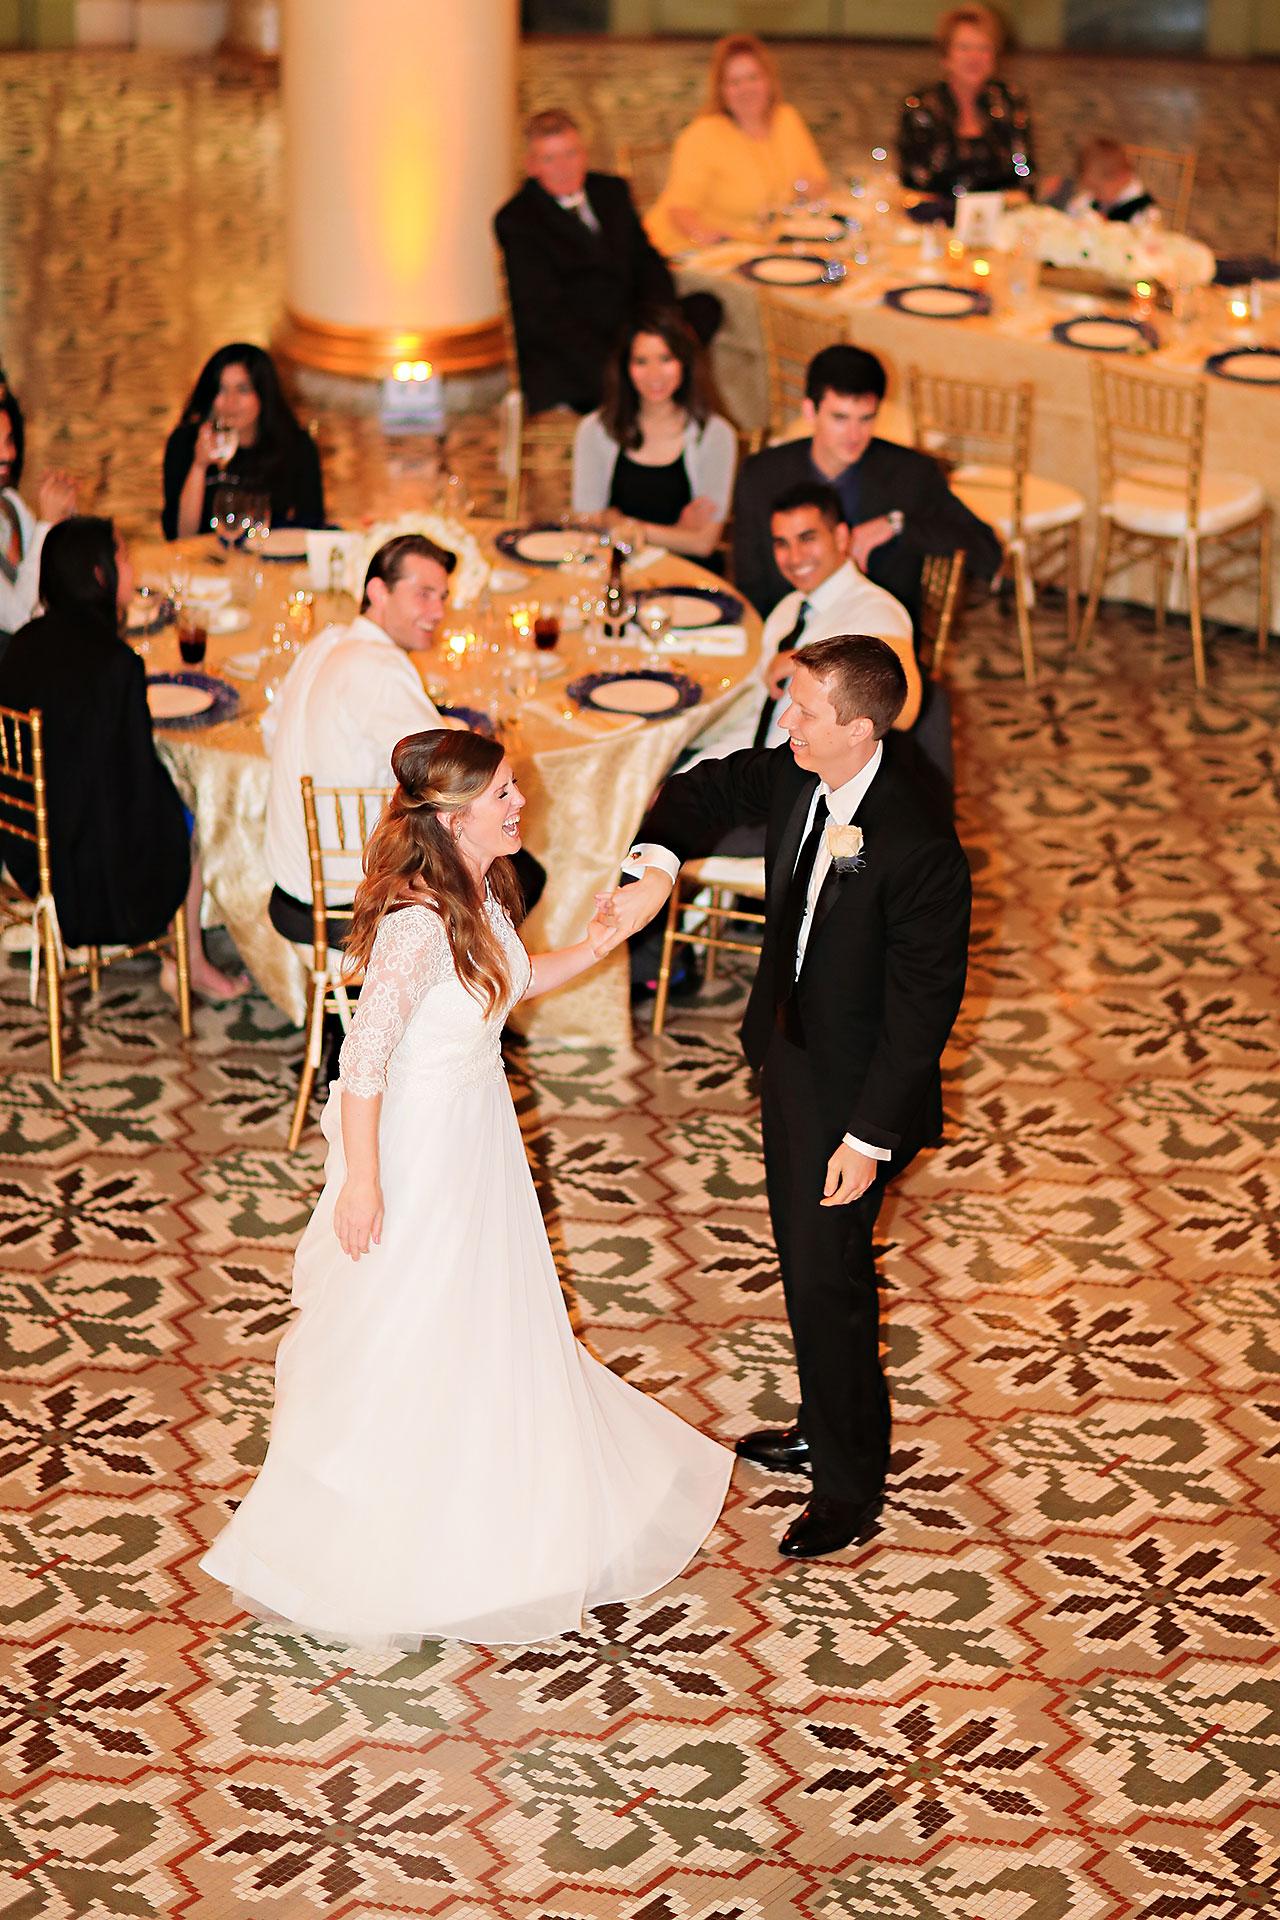 Chelsea Jeff West Baden Wedding 312